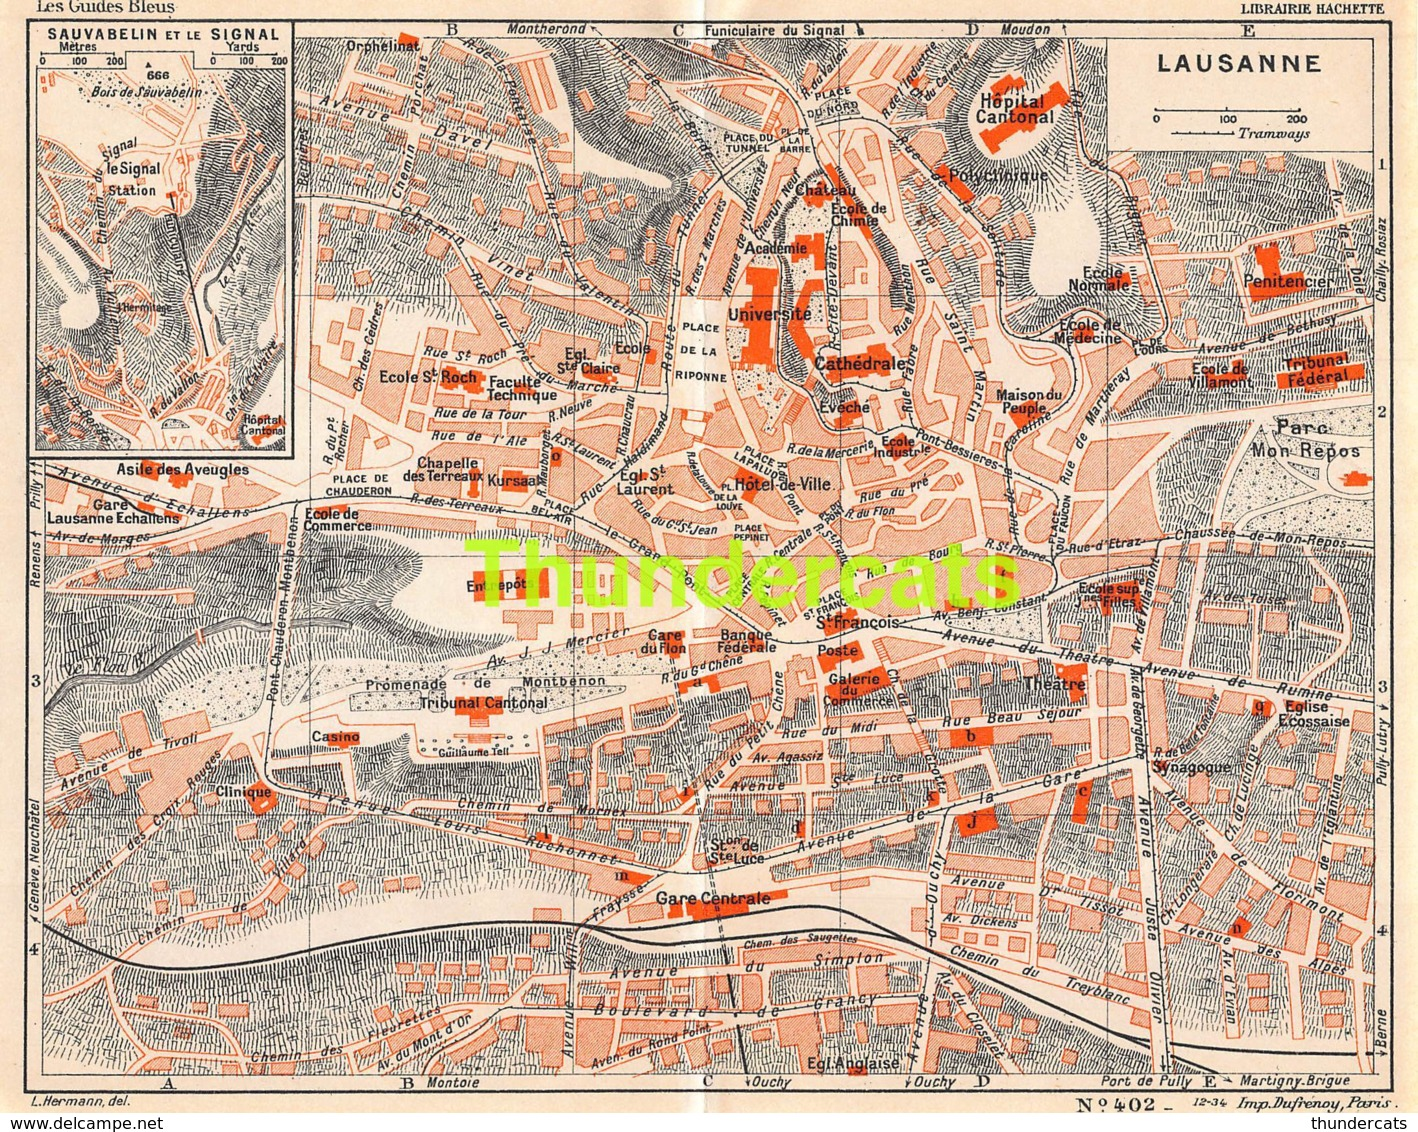 ANCIENNE PETIT PLAN COUPURE DEPLIANT HACHETTE  15 CM X 18 CM LAUSANNE - Cartes Routières